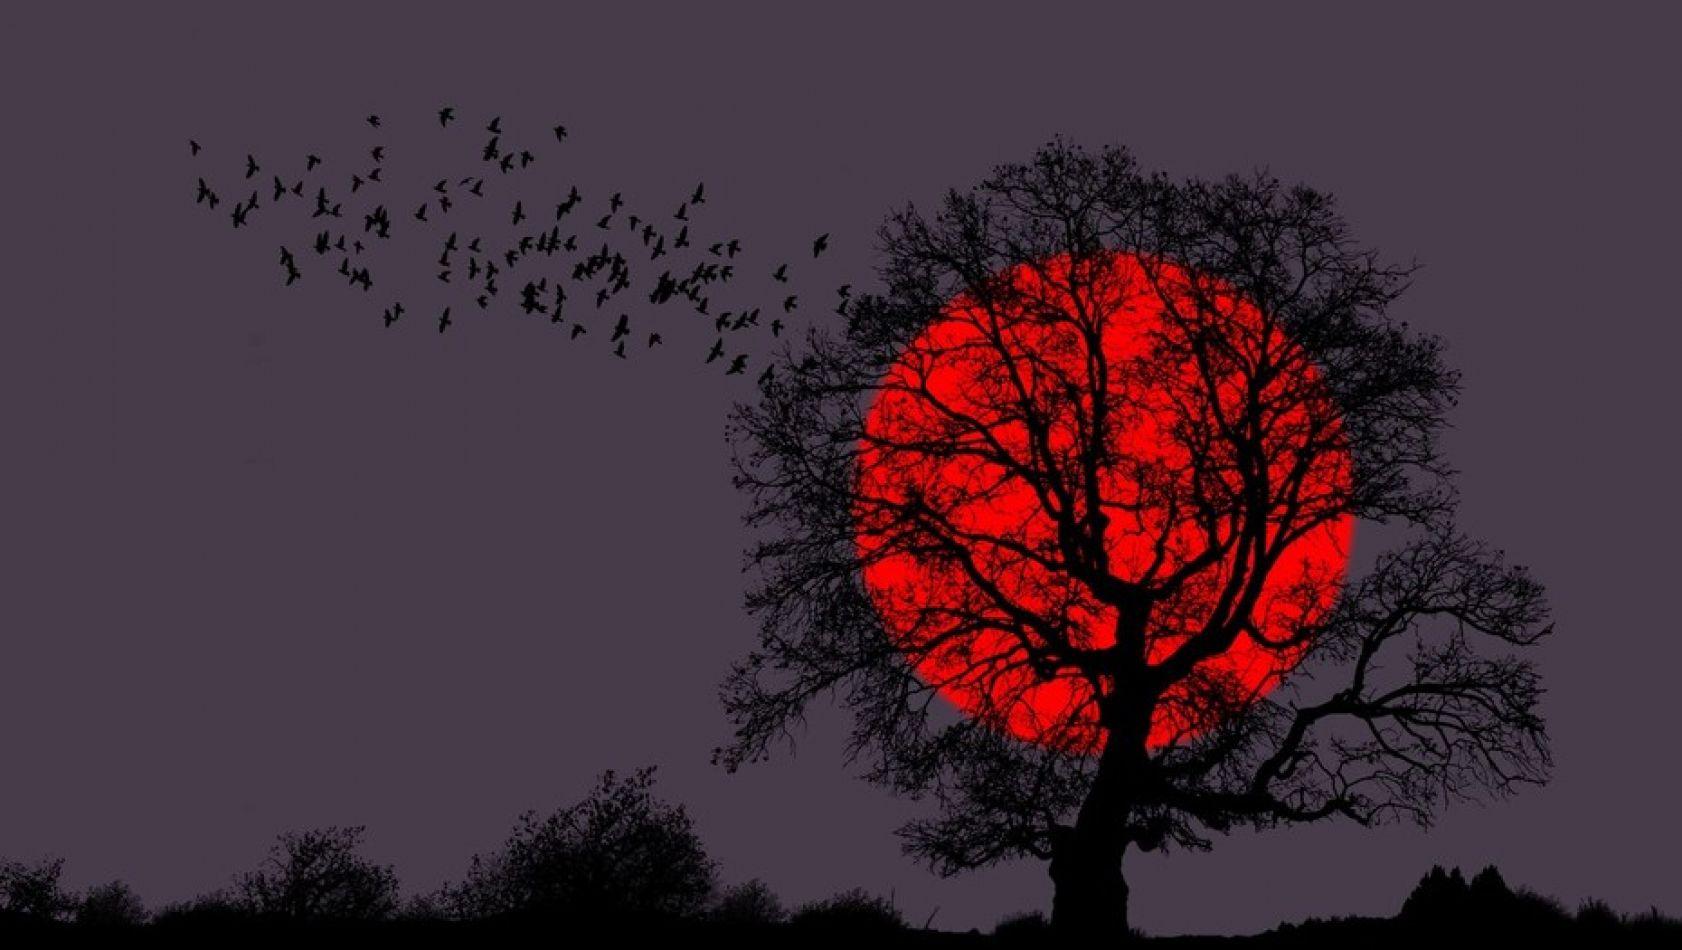 El eclipse lunar del 27 de julio de 2018 será el más largo del siglo XXI